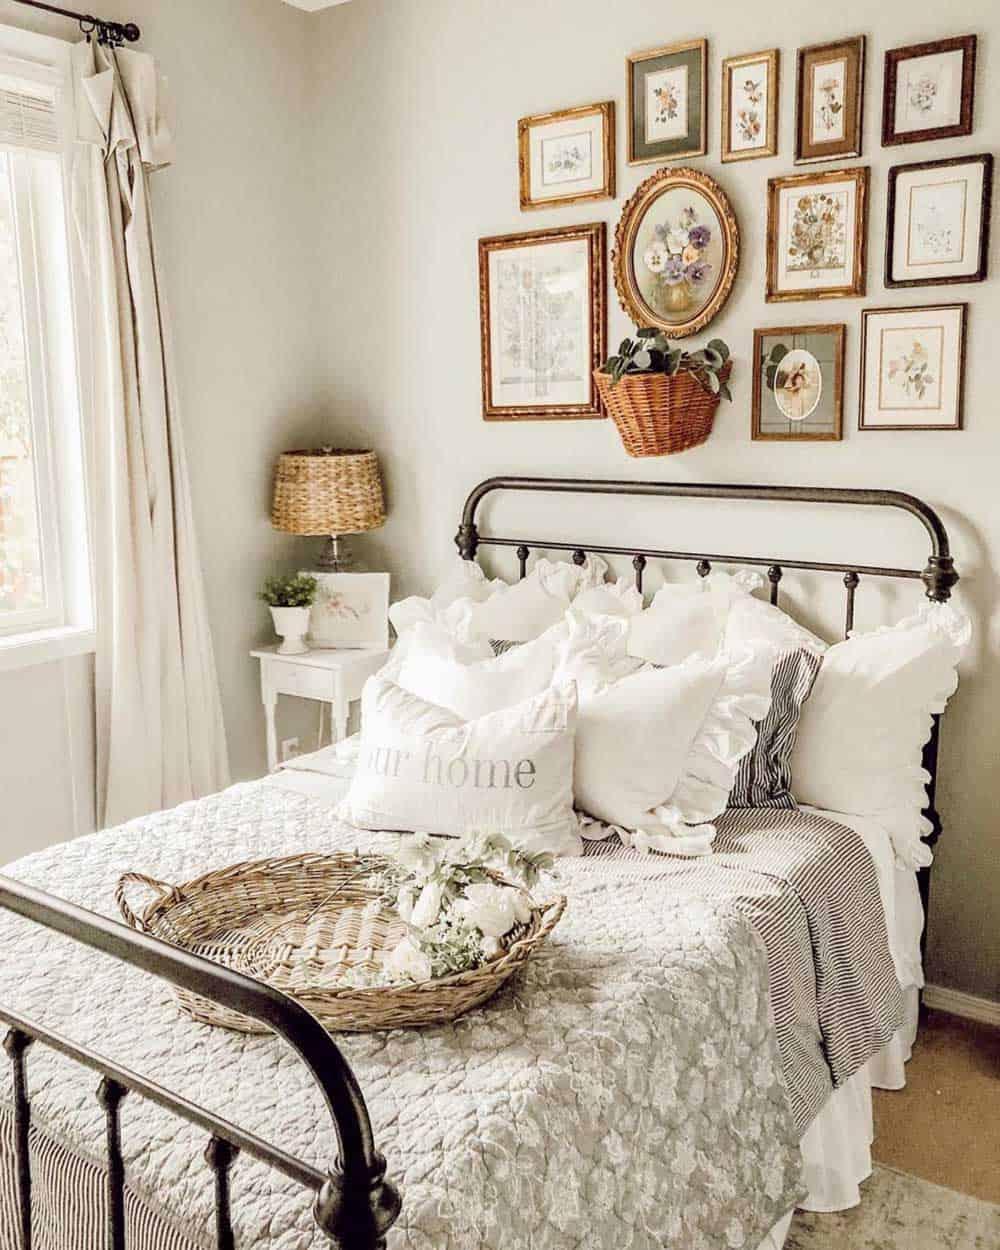 Phòng ngủ kiểu Vintage với tranh ảnh mang đậm dấu ấn thời gian